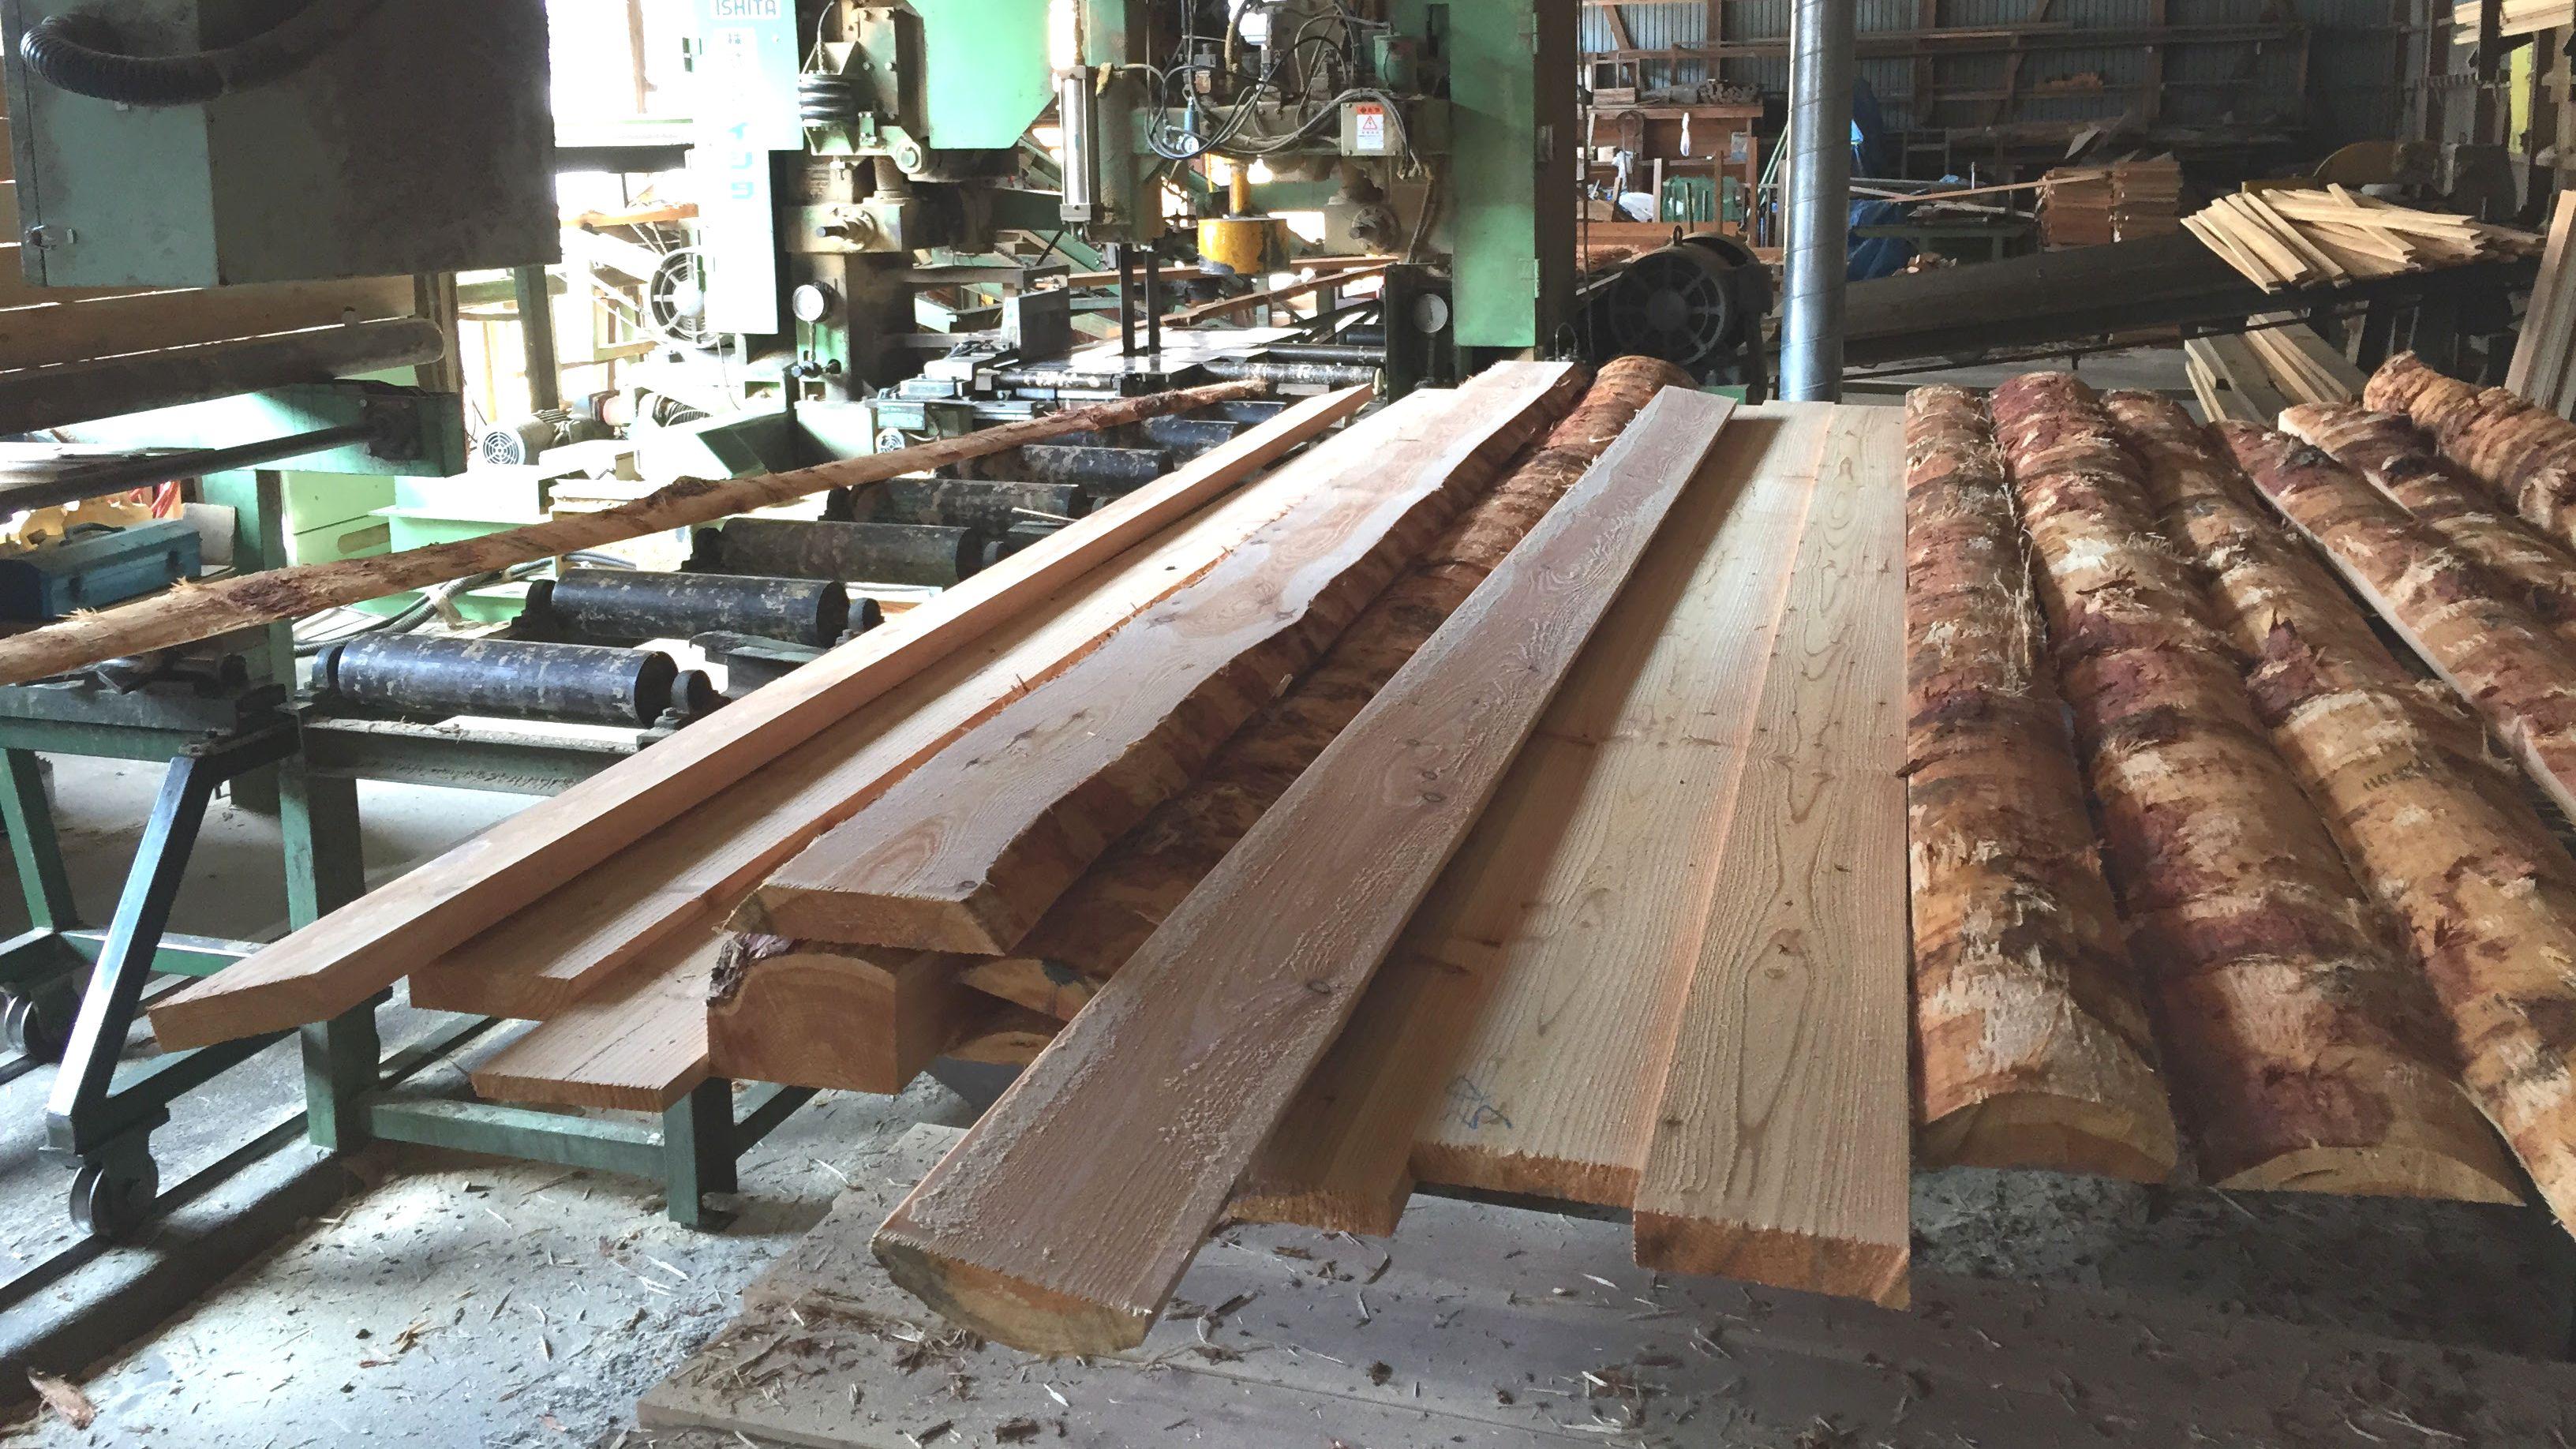 DIY用の木材はどこで買うのがオススメ?購入先別のメリットまとめ